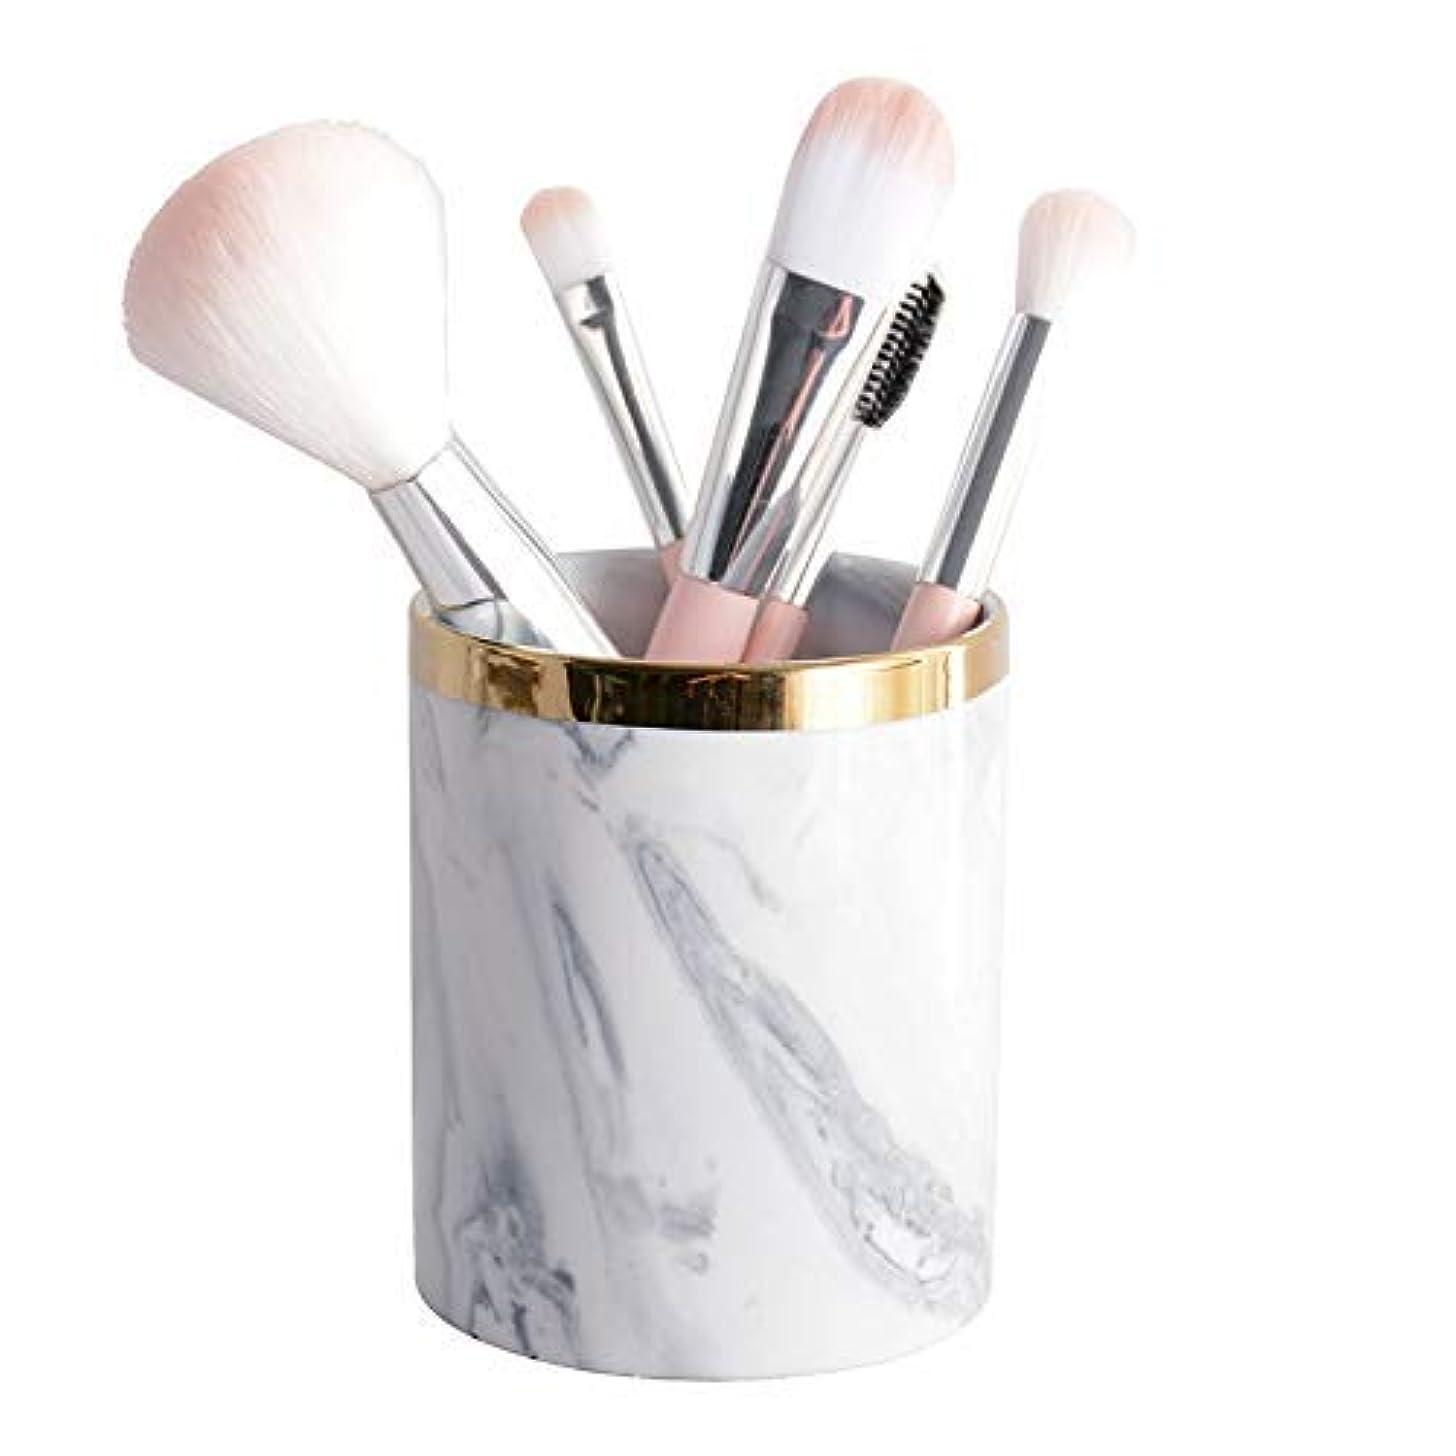 する必要がある以前はオプションメイクブラシケース 化粧ブラシホルダー 化粧筆?鉛筆ペンホルダー?文具収納ボックス 化粧品入れ 小物 多機能収納